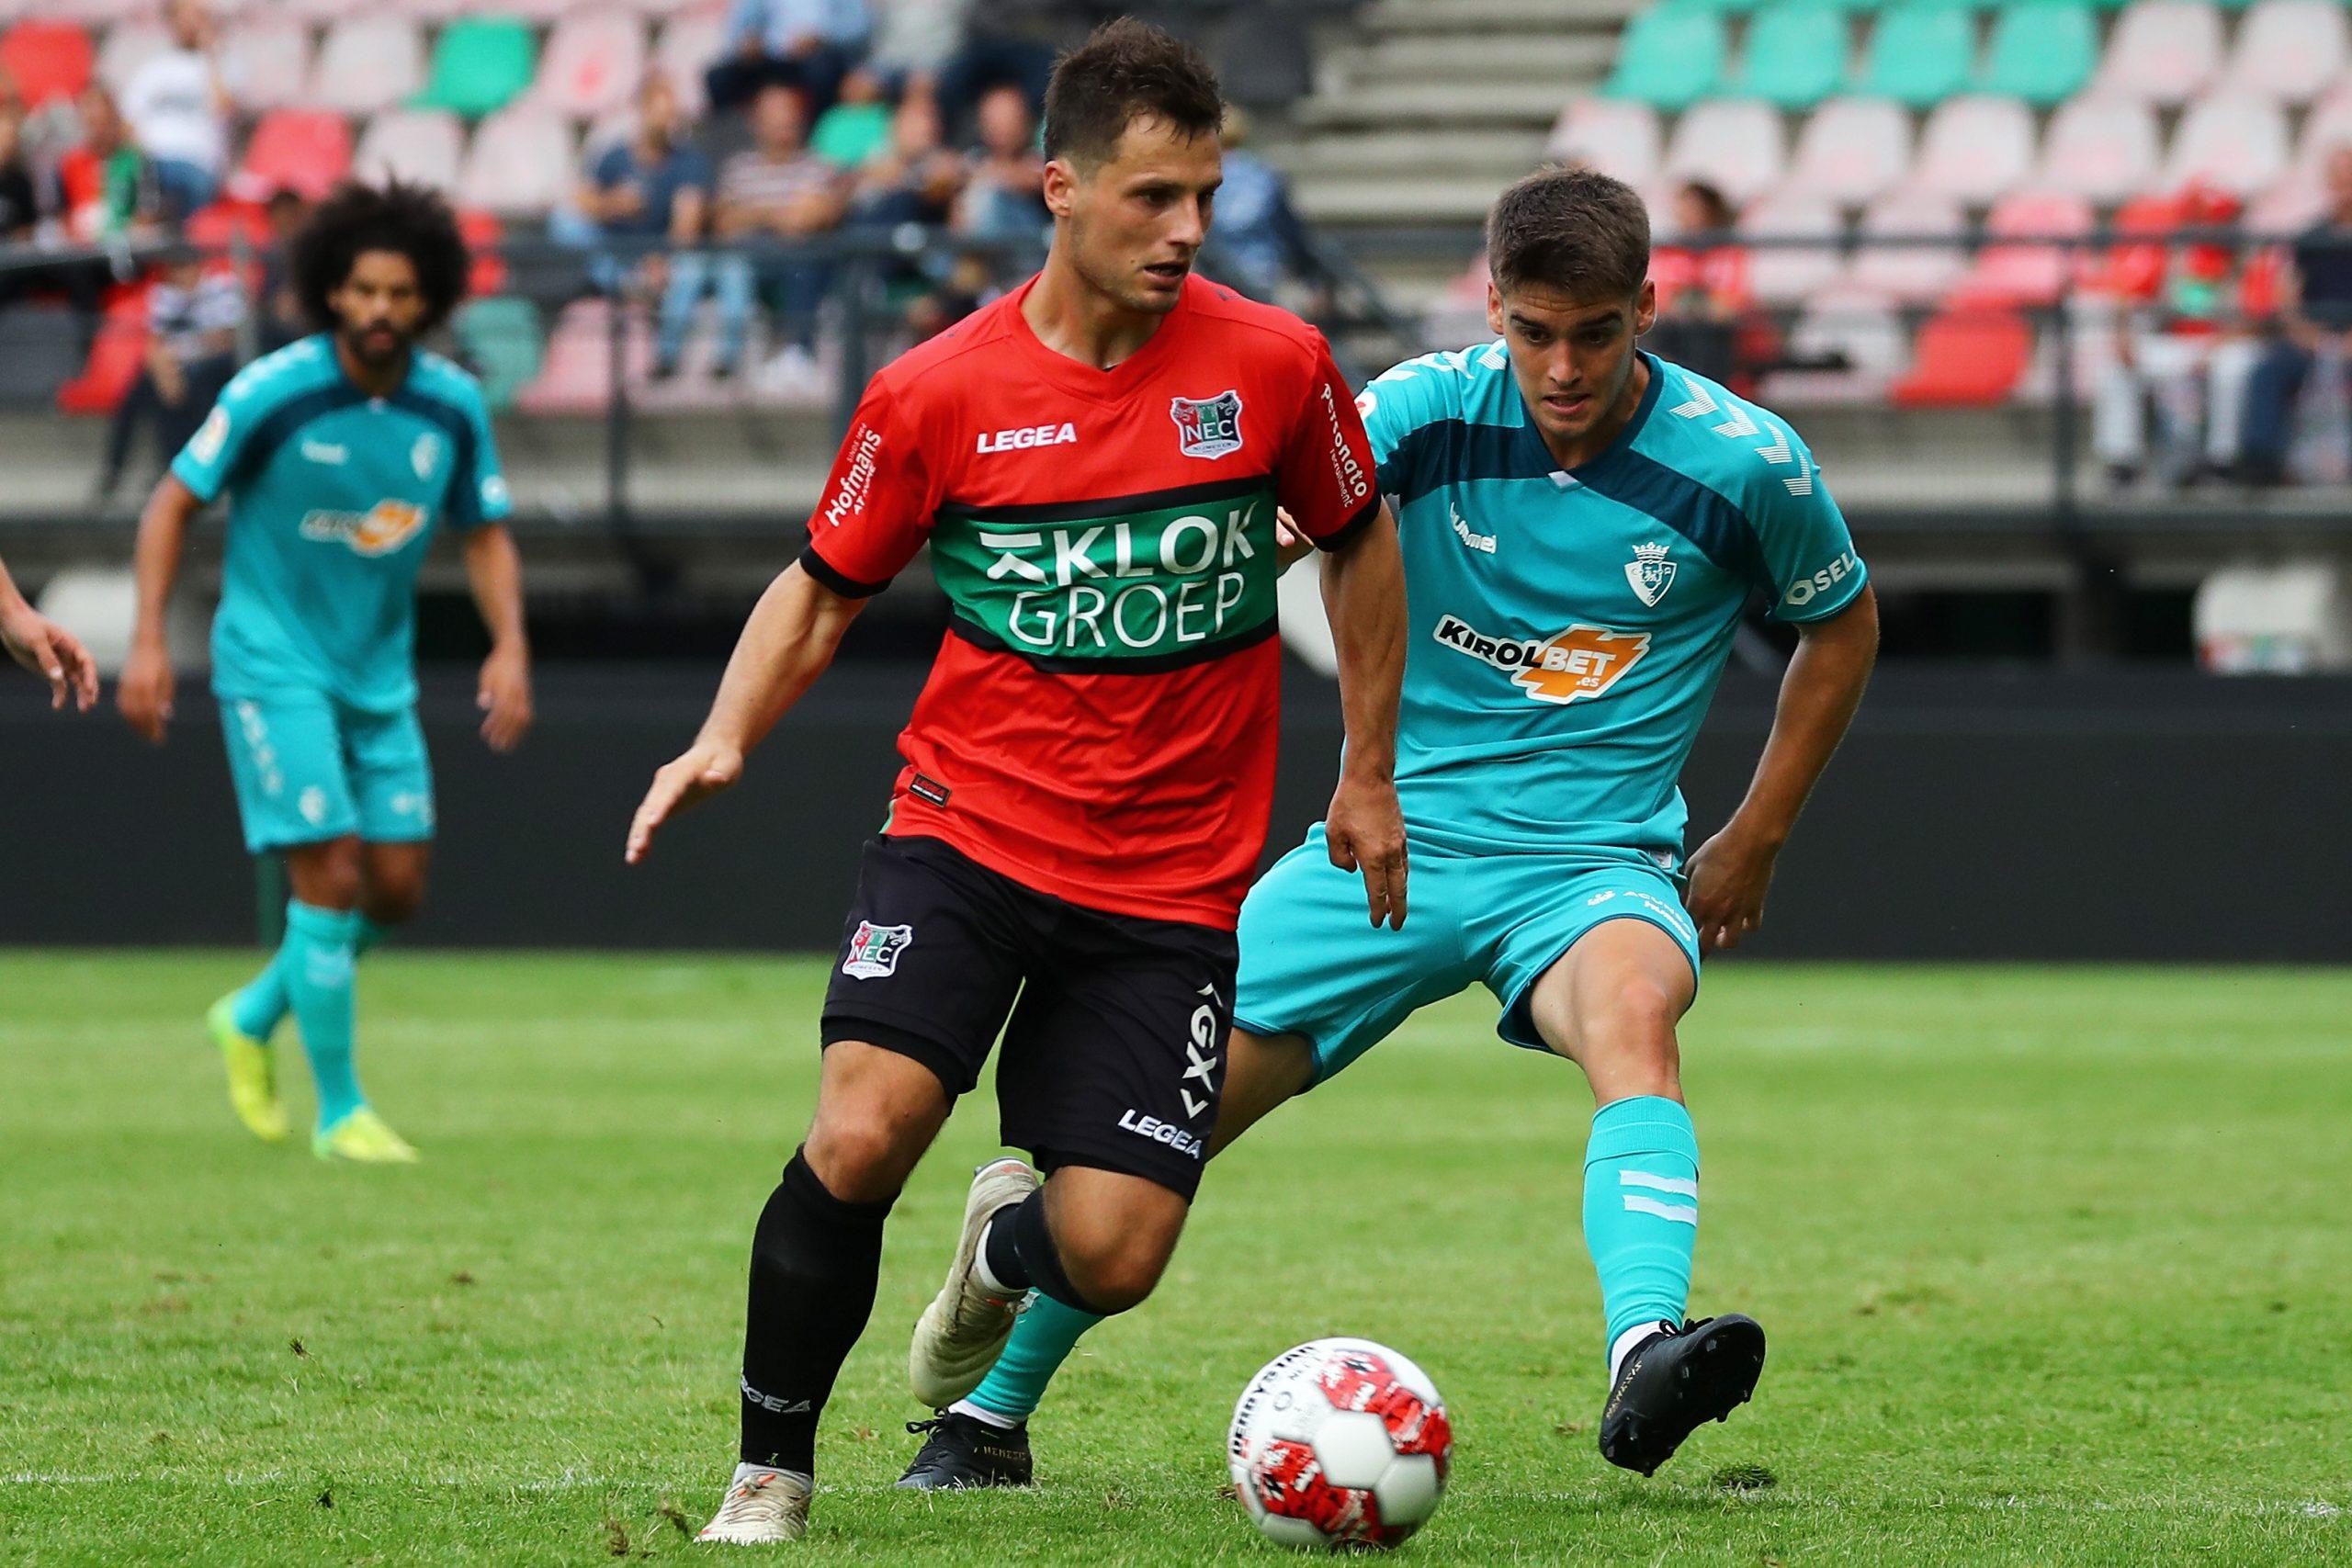 Voorbeschouwing: NEC opent nieuwe seizoen tegen FC Eindhoven